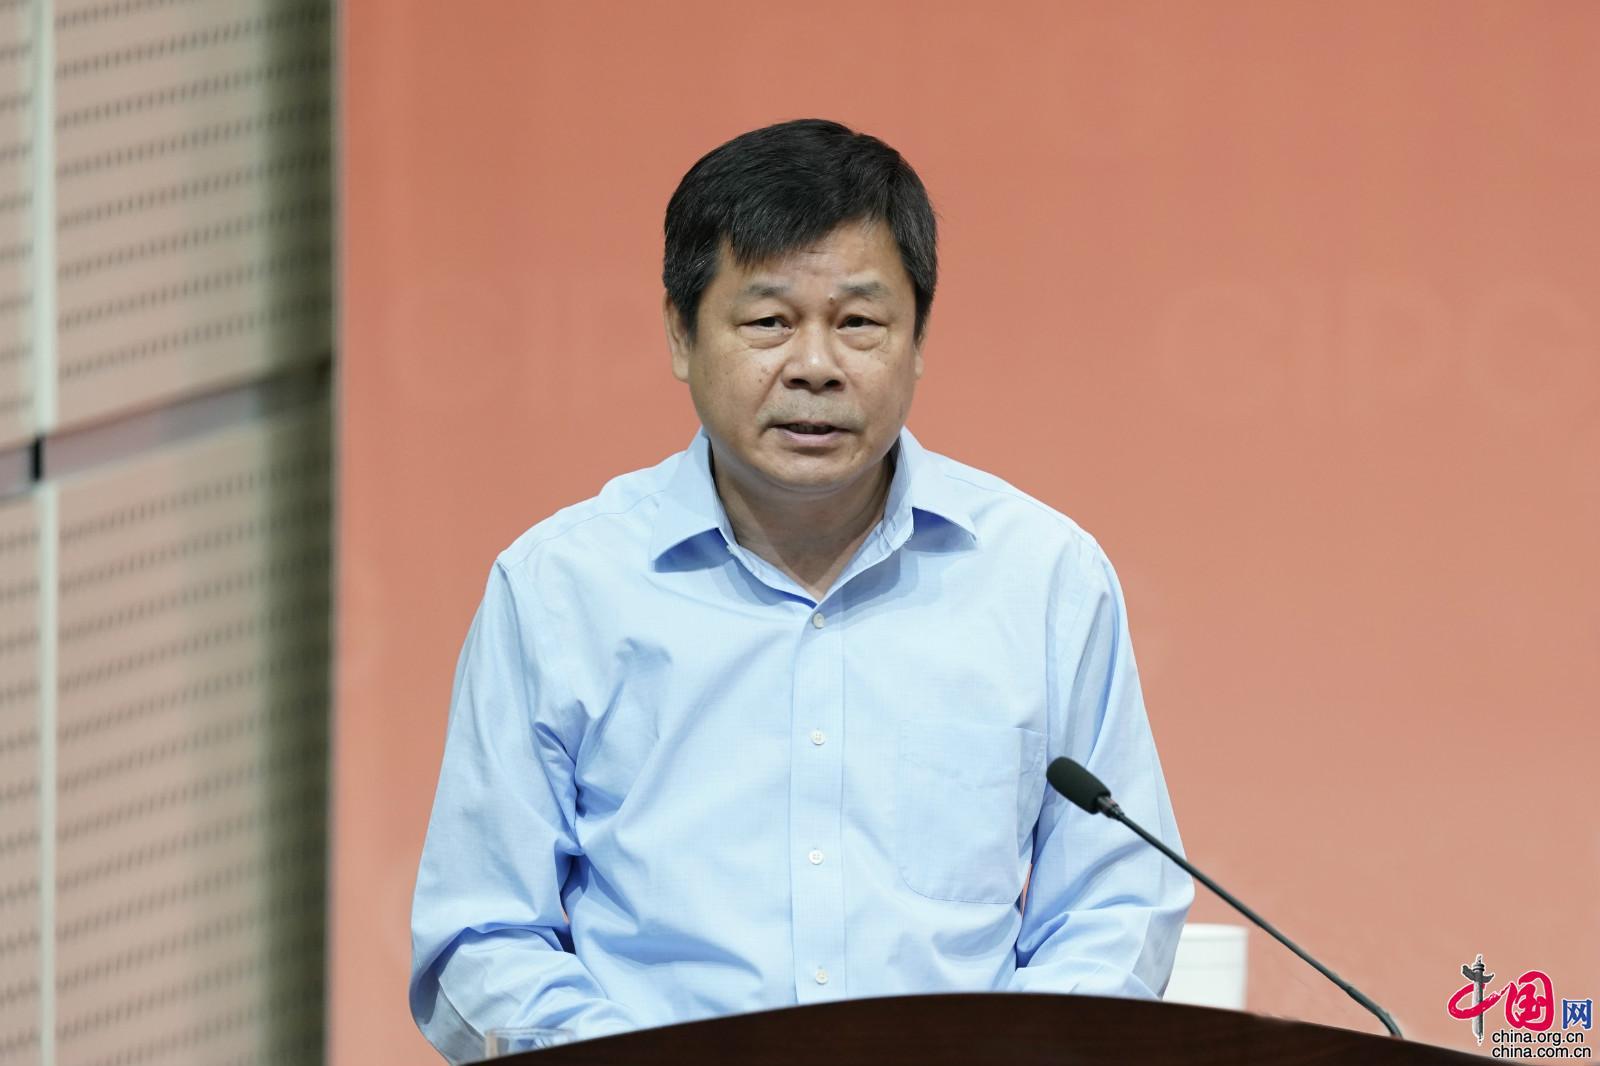 中国网北京9月5日讯 4日上午,庆祝中国外文局建局70周年座谈会在京召开,中共中央政治局委员、中央书记处书记、中央宣传部部长黄坤明宣读习近平总书记贺信并讲话。